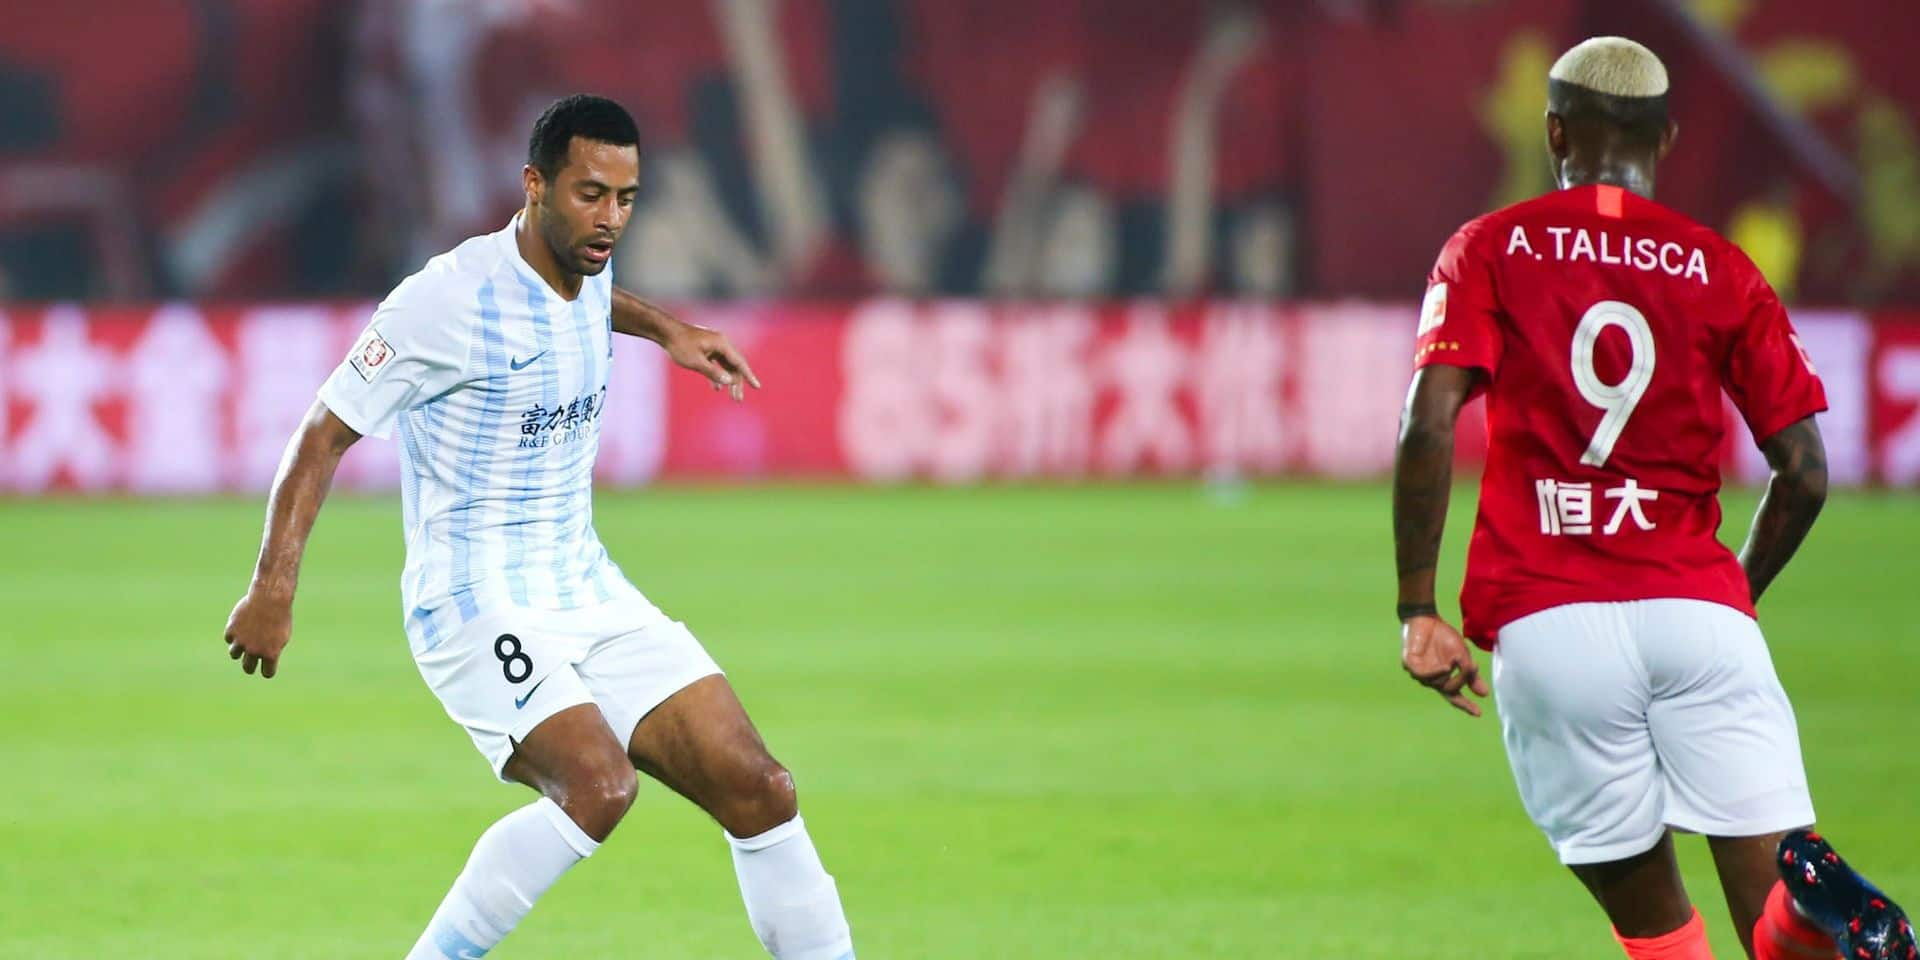 Les Belges à l'étranger: Dembélé et son équipe subissent une lourde défaite dans le derby de Guangzhou